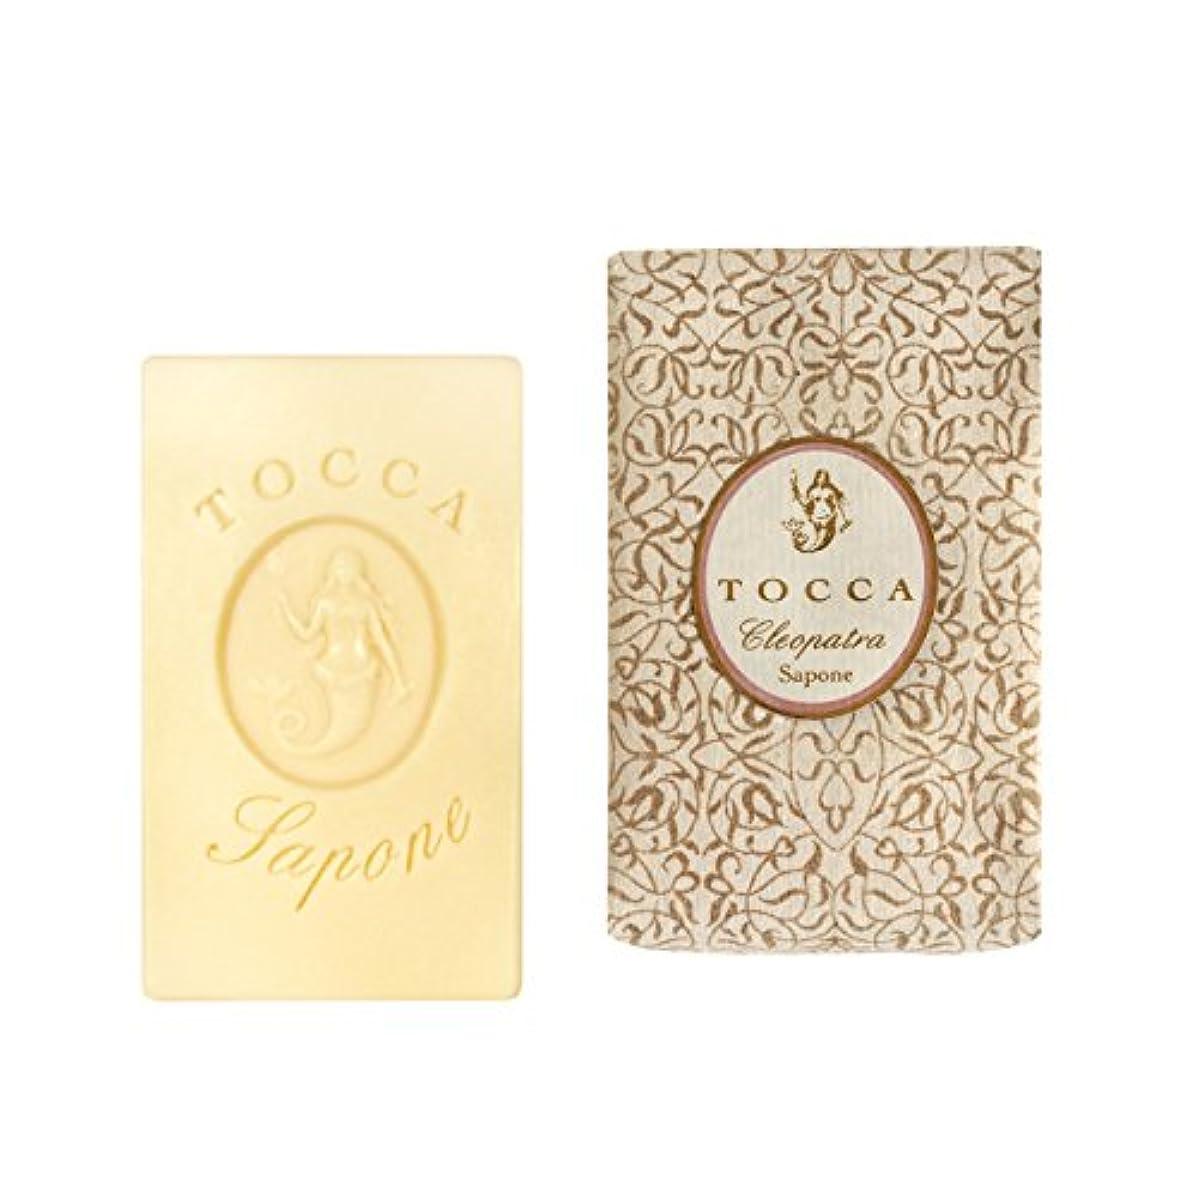 蒸し器ビュッフェ荒涼としたトッカ(TOCCA) ソープバー クレオパトラの香り 113g(石けん 化粧石けん グレープフルーツとキューカンバーのフレッシュでクリーンな香り)